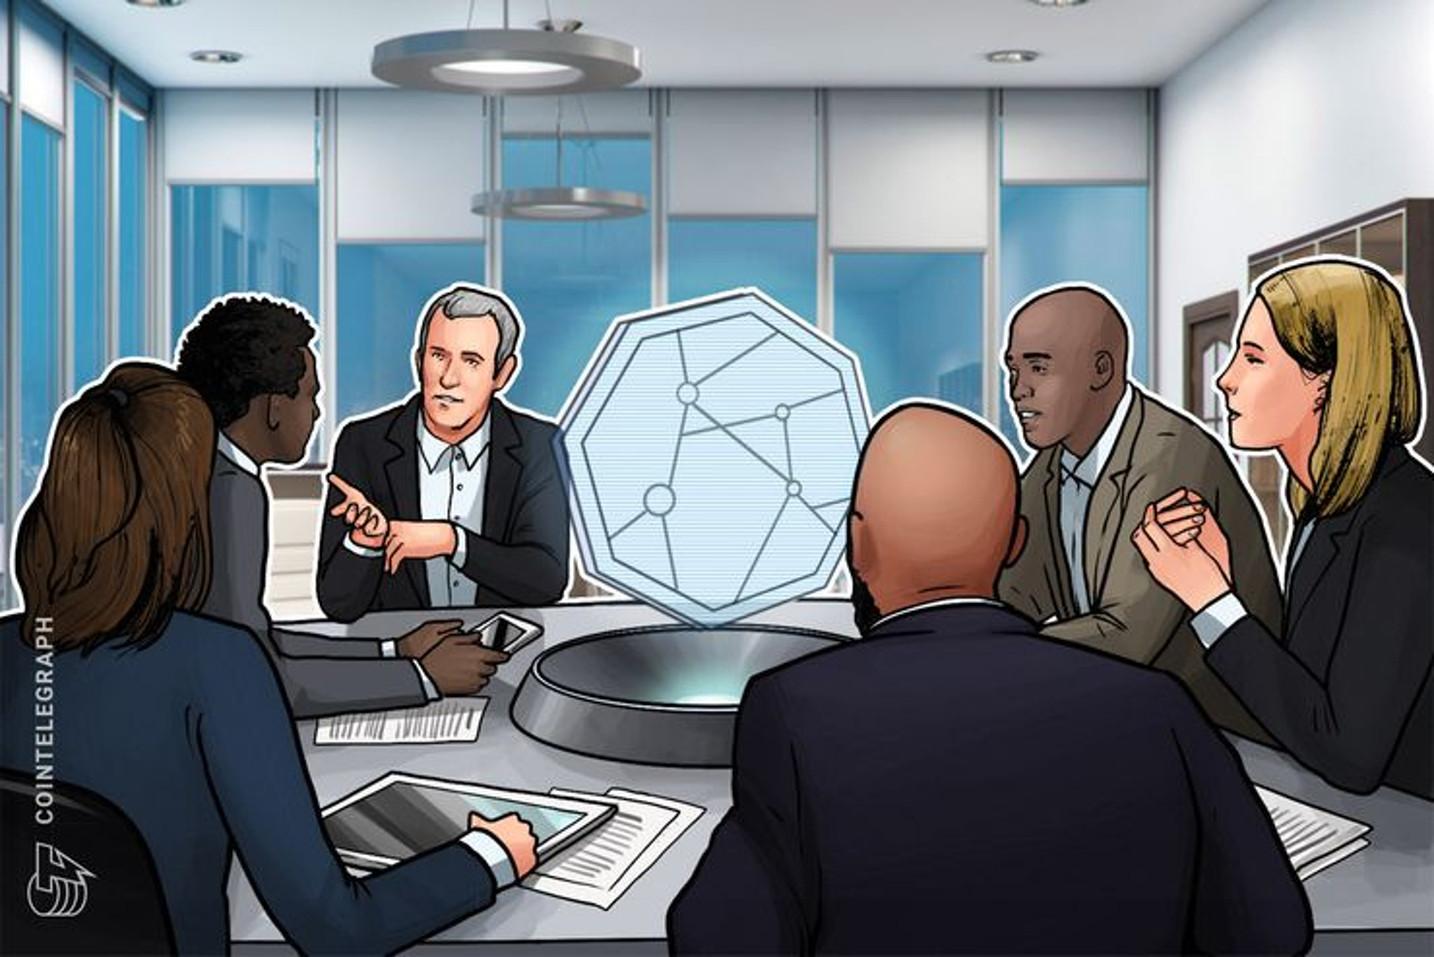 ステーブルコインは仮想通貨よりも脅威、FSBが指摘 | G20でリブラ議論へ【ニュース】